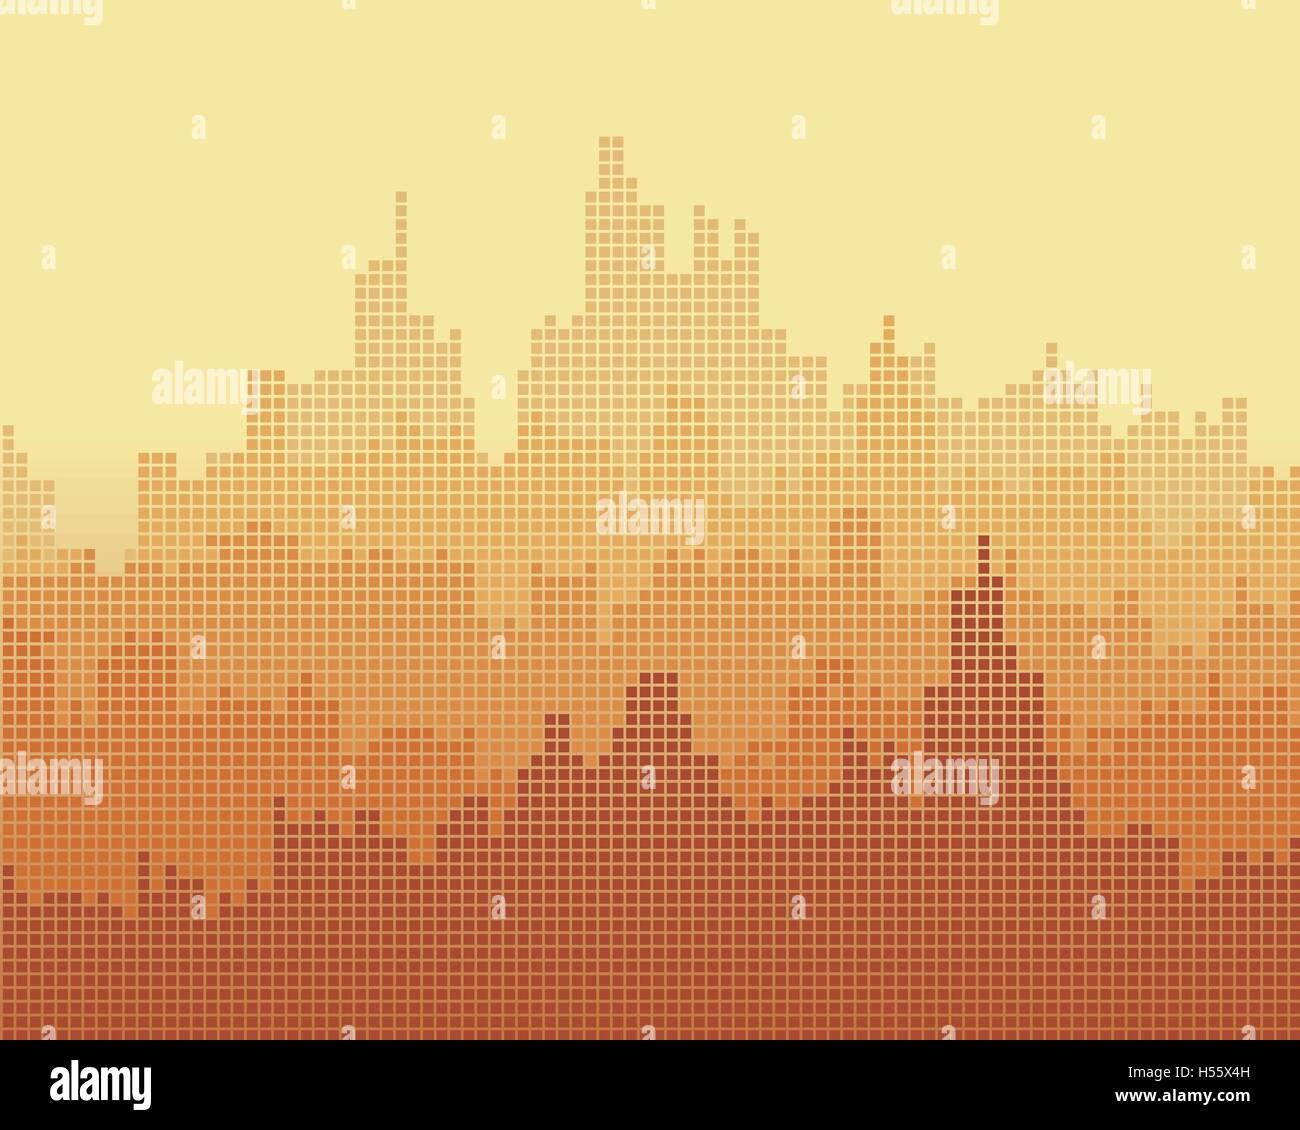 Composición del mosaico de la ciudad, el efecto de degradado. Imagen De Stock